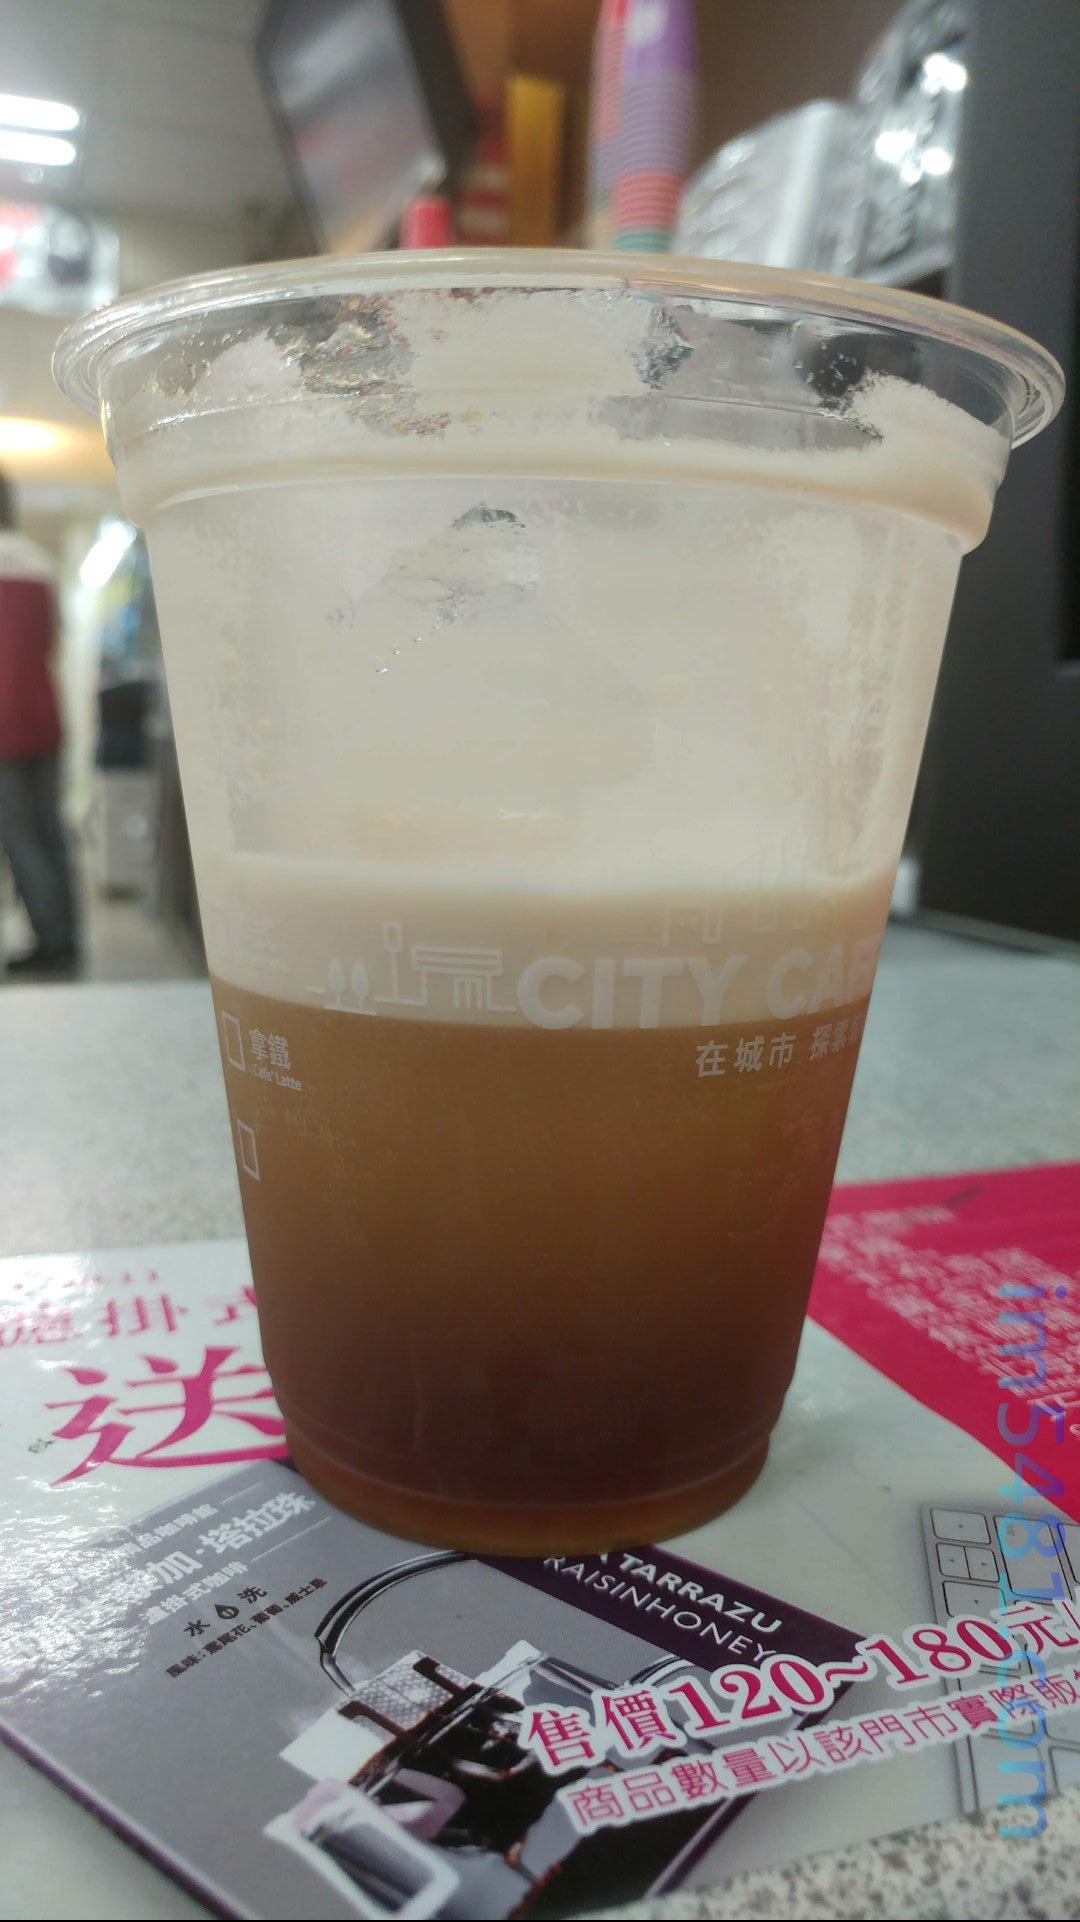 7-11氮氣冷萃咖啡-04